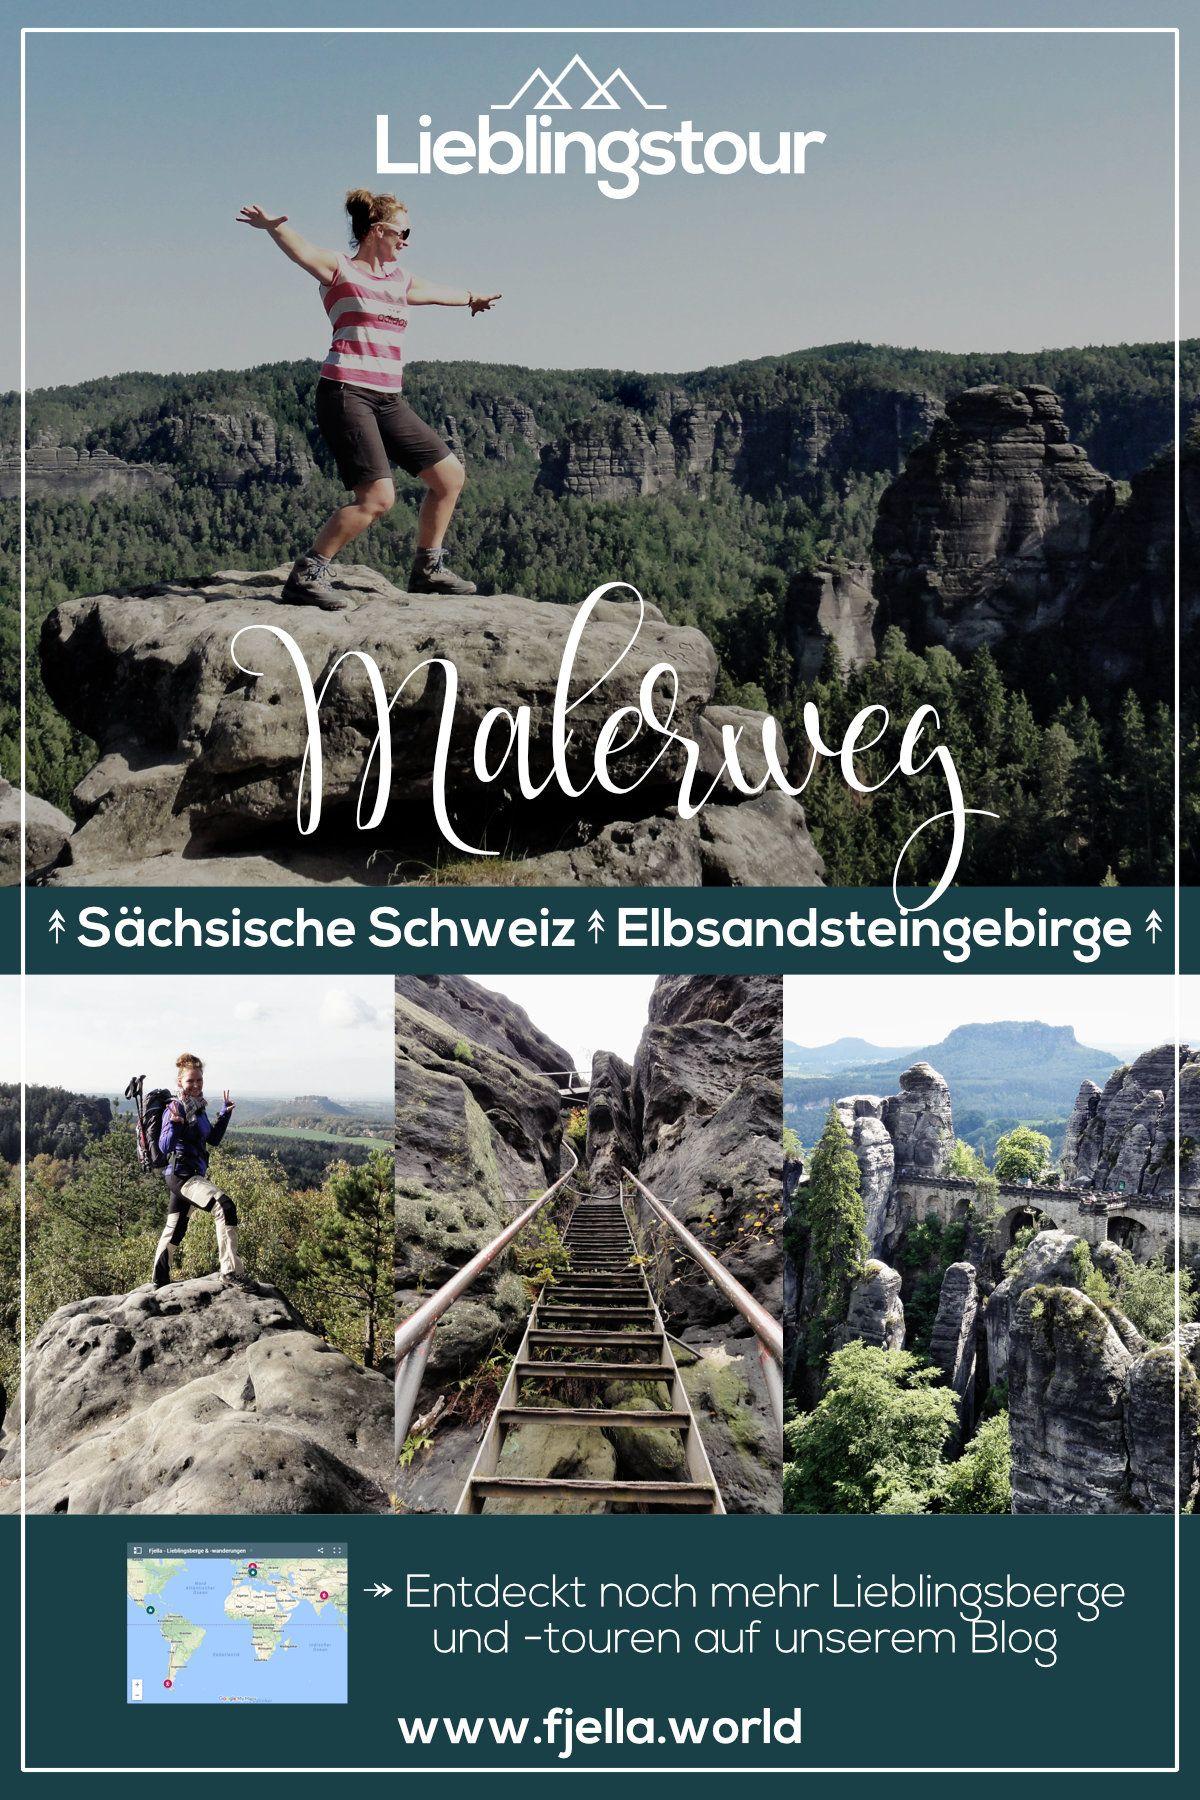 Lieblingstour Malerweg In Der Sachsischen Schweiz Traveler